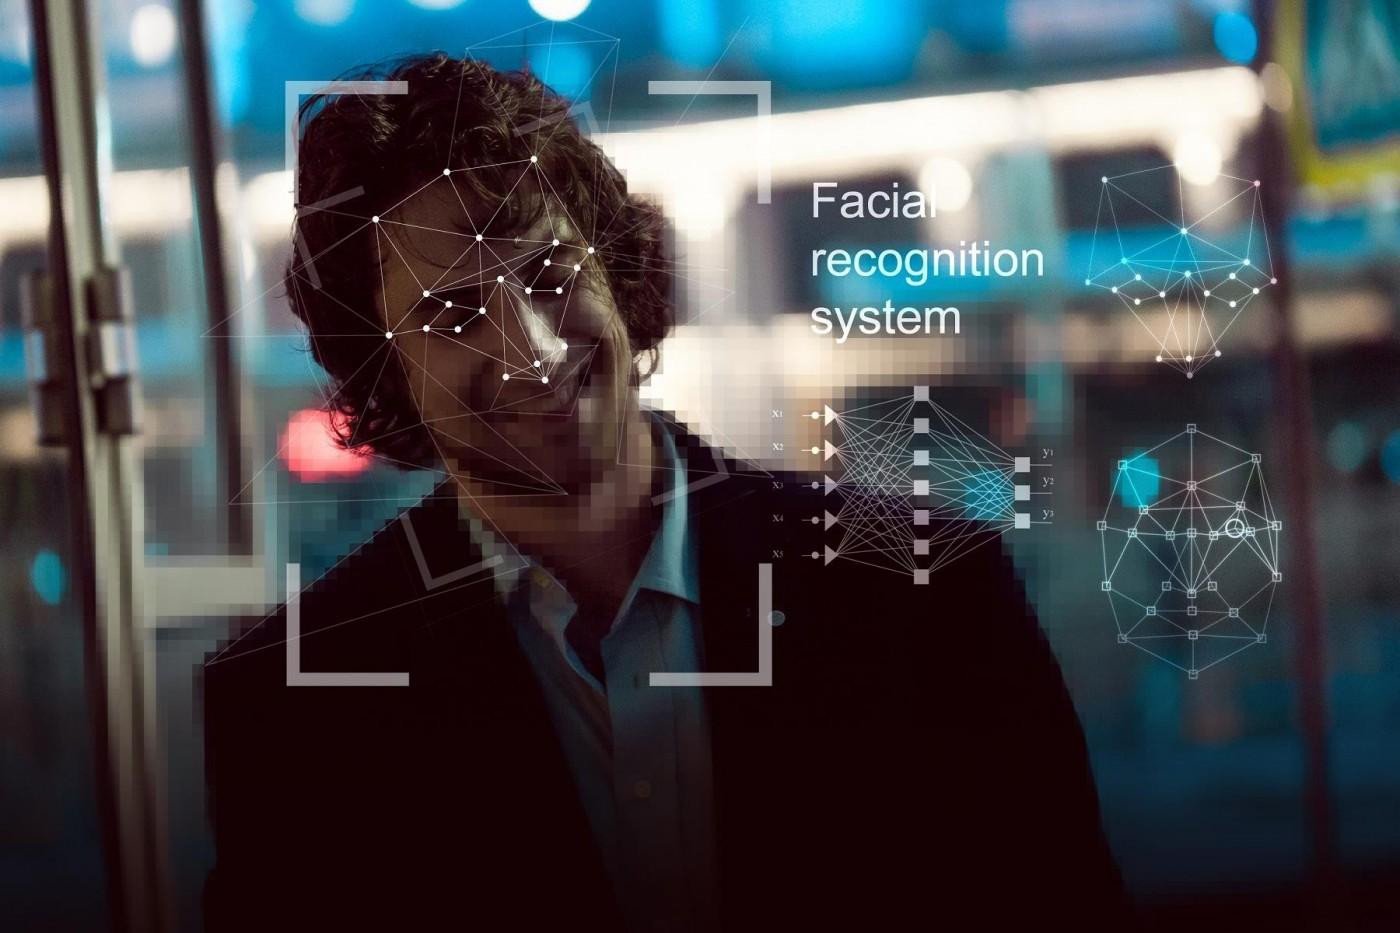 歐盟人臉辨識禁令太爭議!Google力挺、微軟砲轟錯誤政策